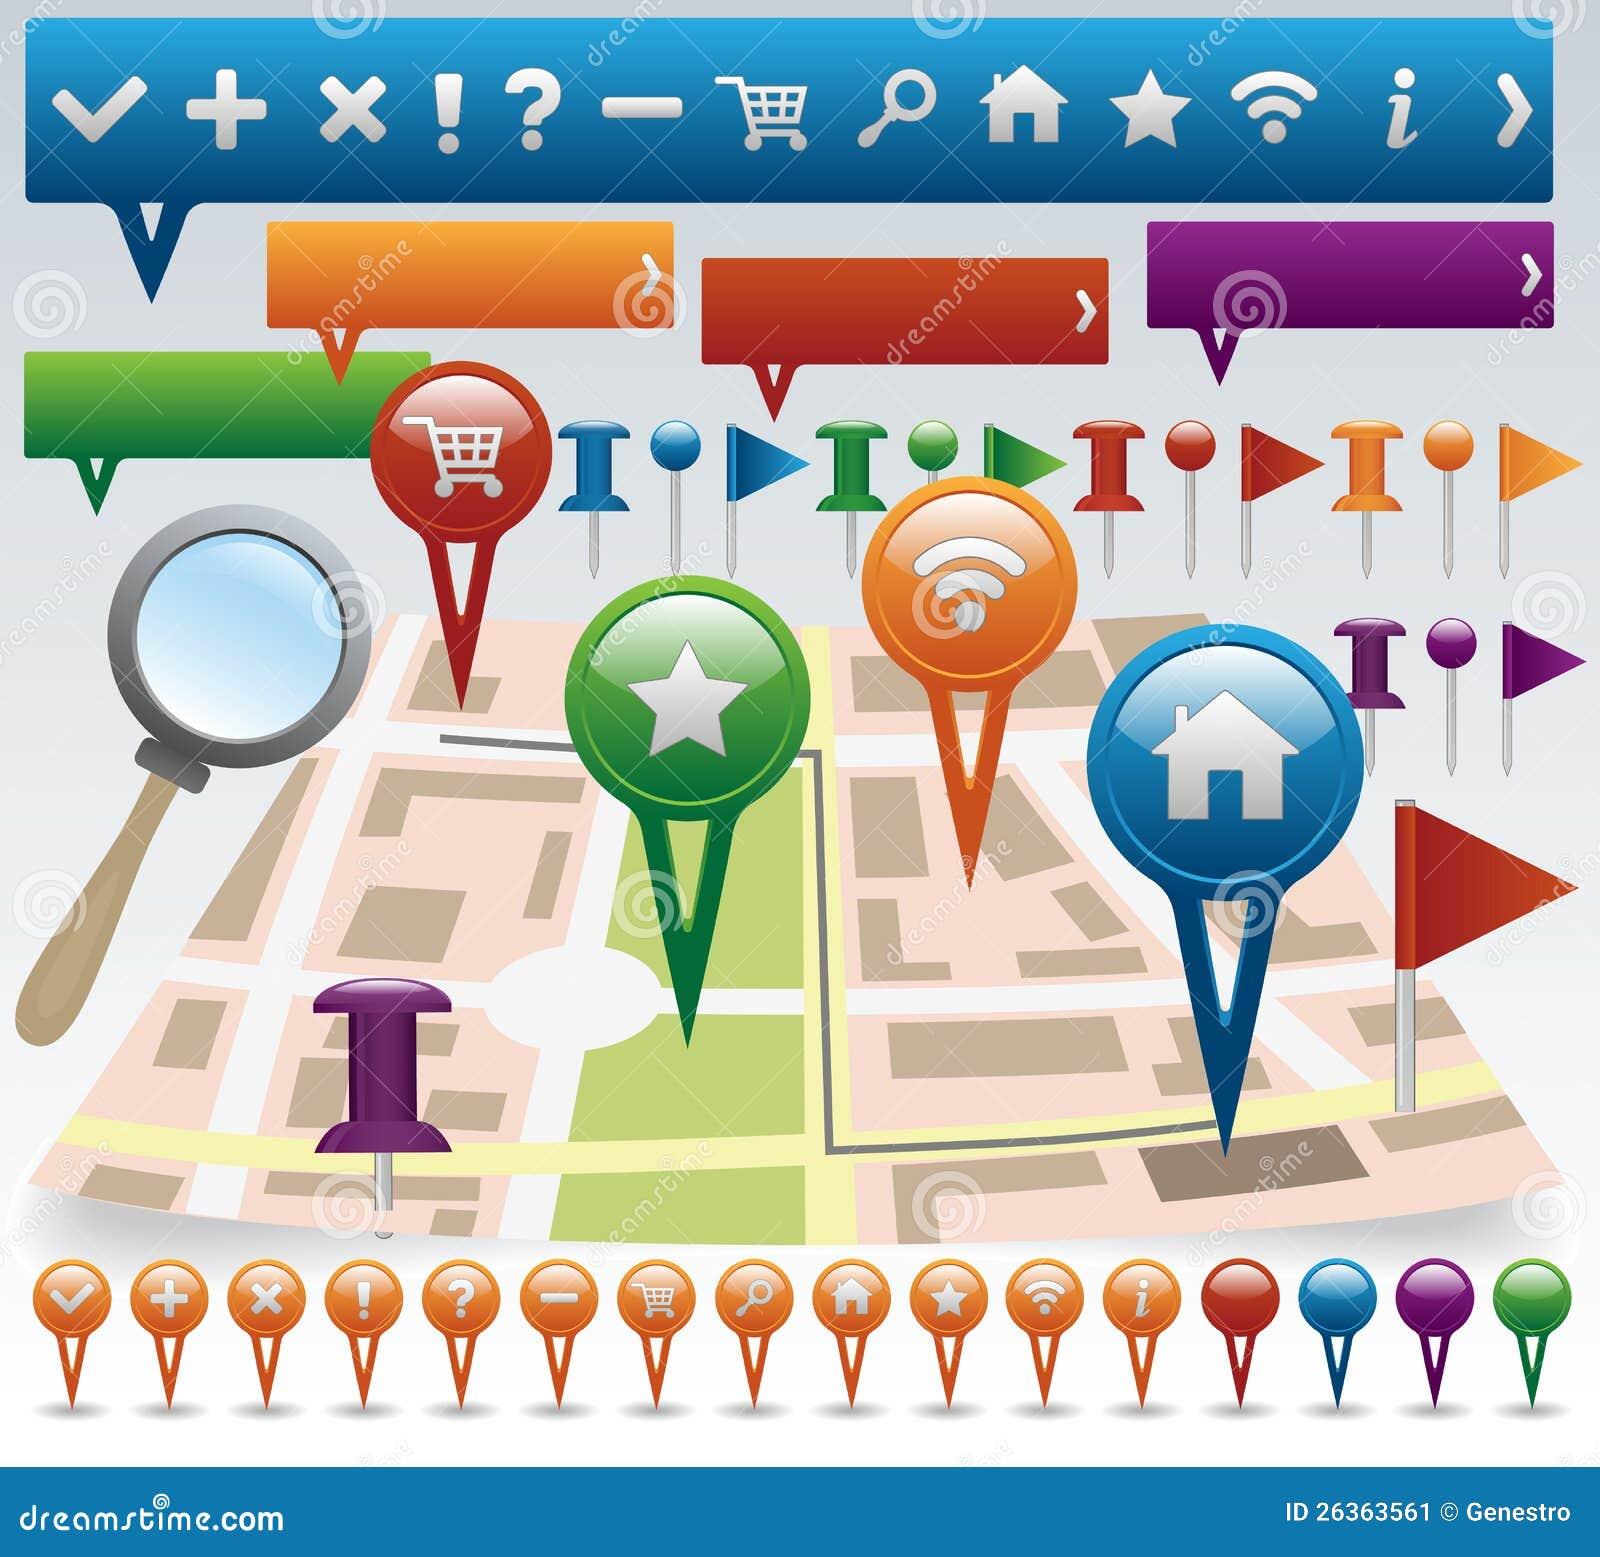 Karten- und Navigationsikonenset